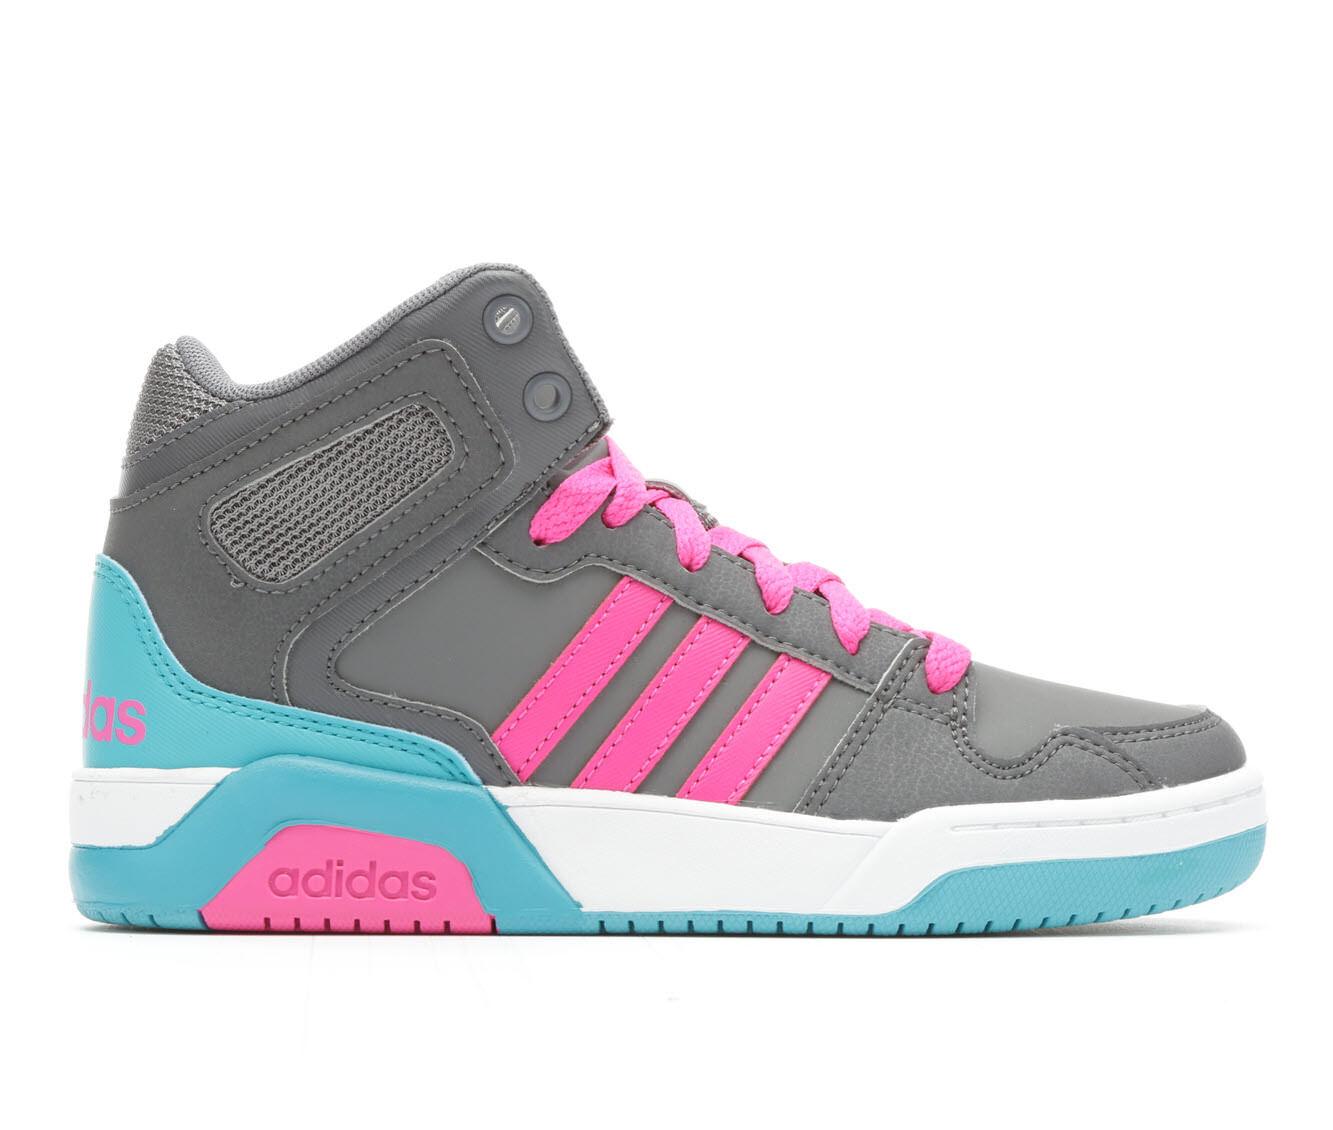 Girls\u0026#39; Adidas BB9TIS Mid K G Sneakers